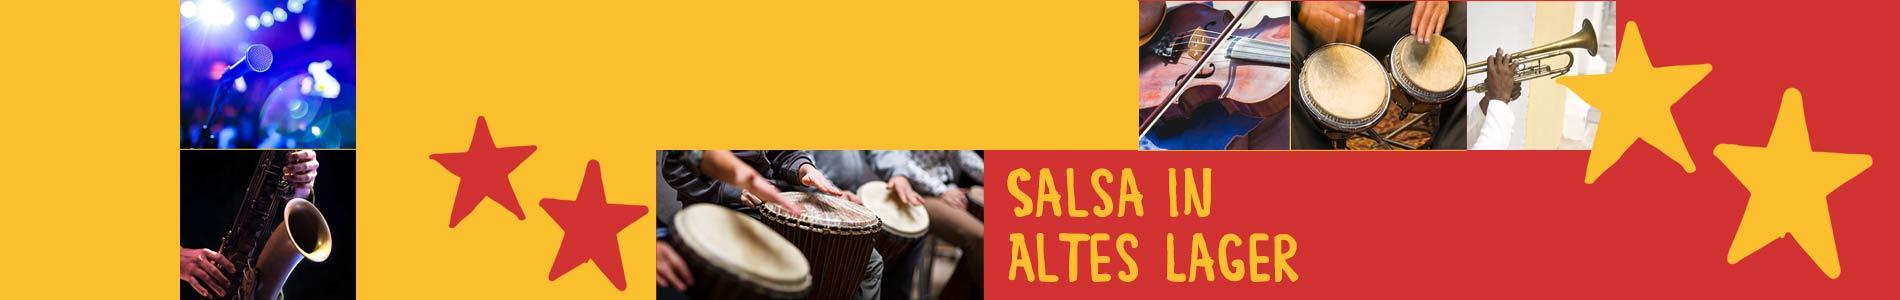 Salsa in Altes Lager – Salsa lernen und tanzen, Tanzkurse, Partys, Veranstaltungen